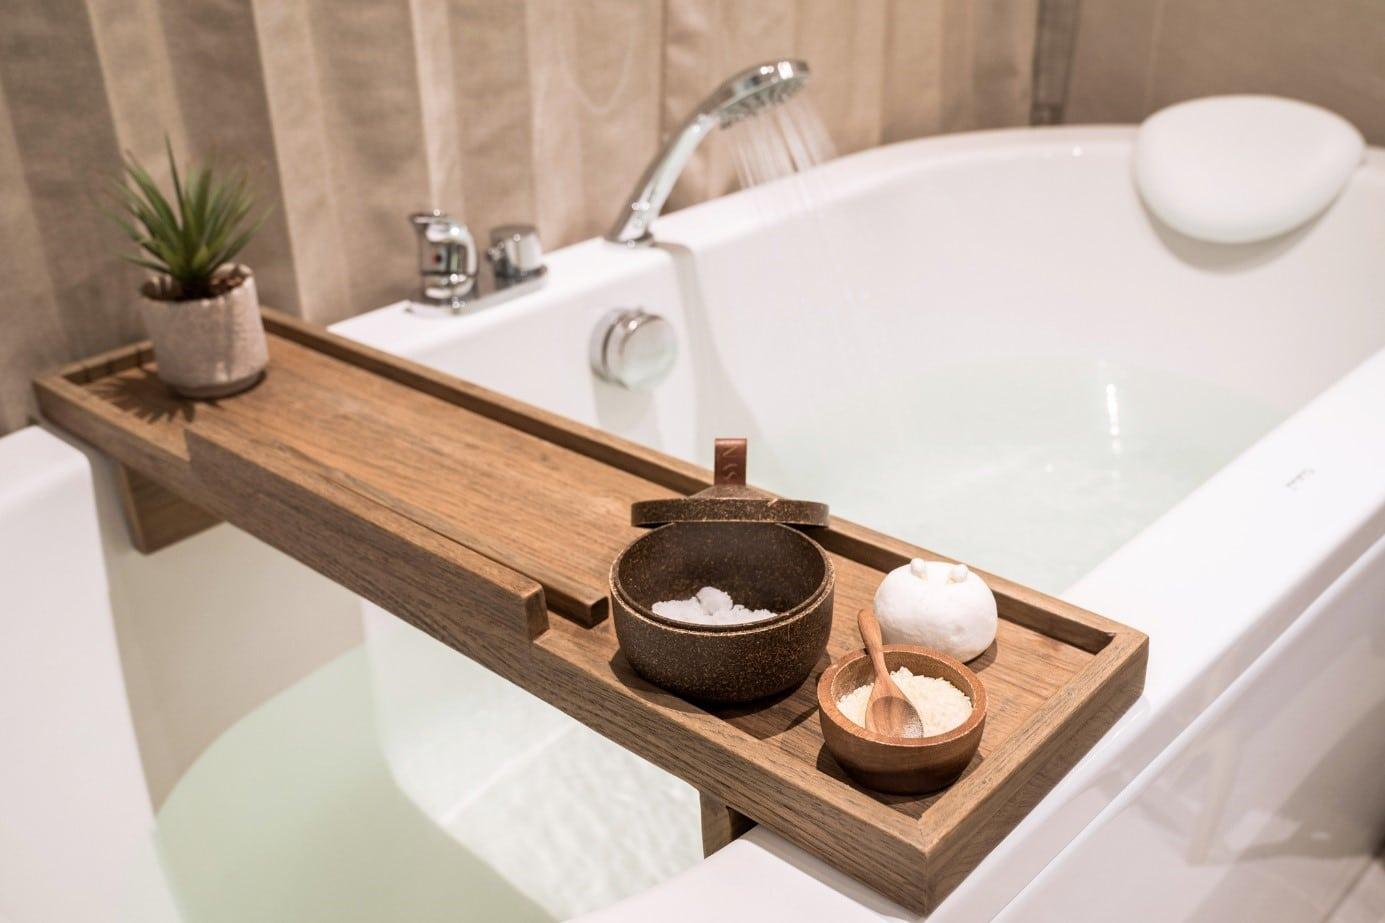 Remplacer La Douche Par Une Baignoire Les Etapes A Suivre